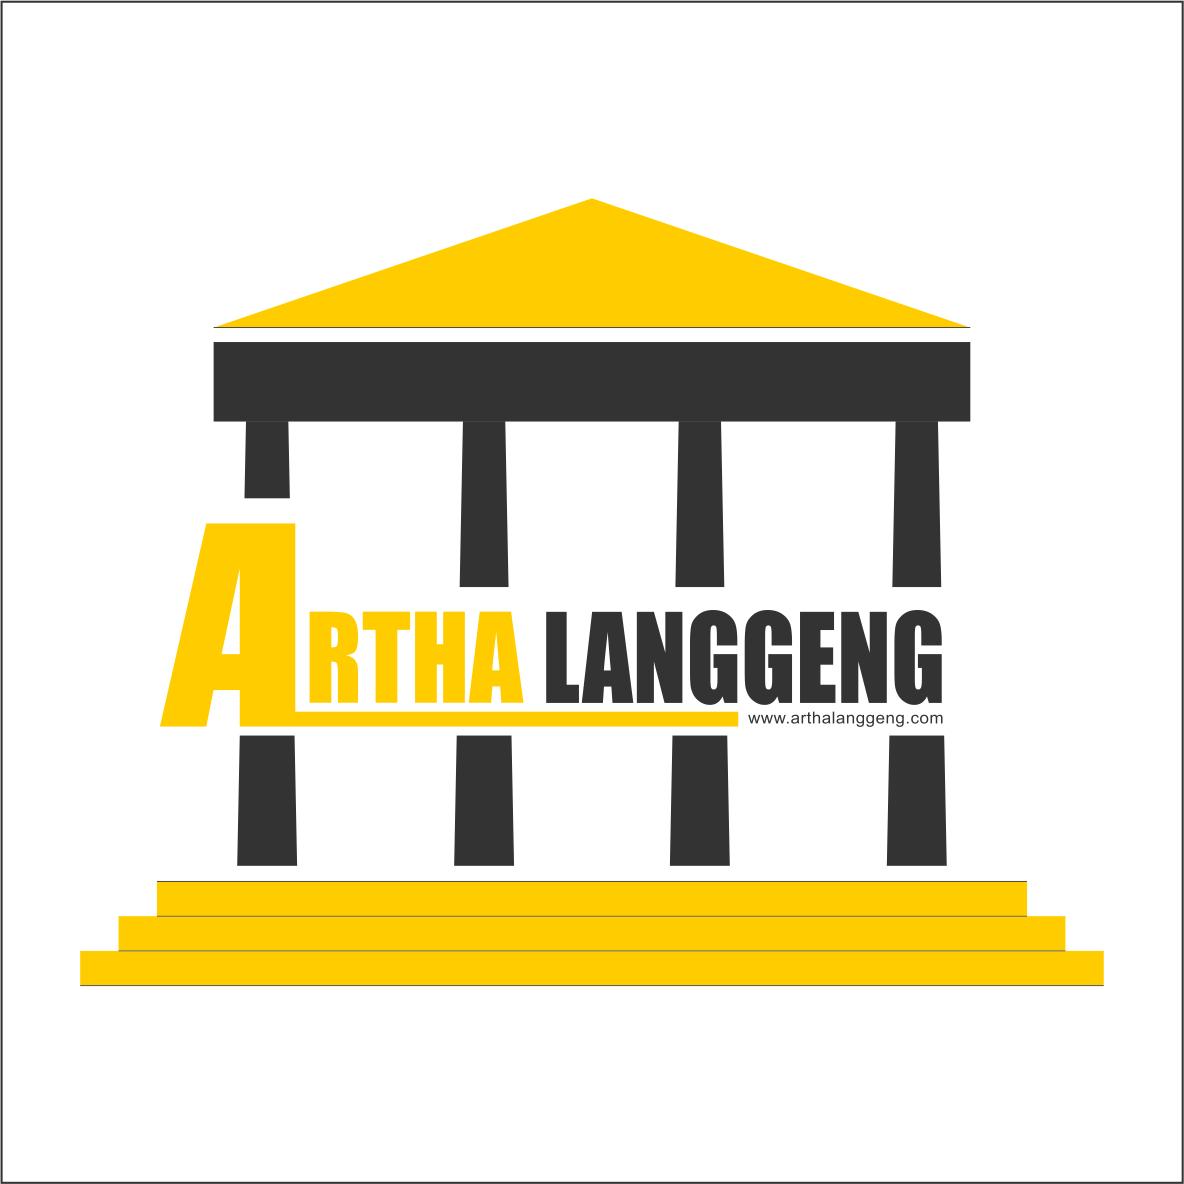 Artha langgeng